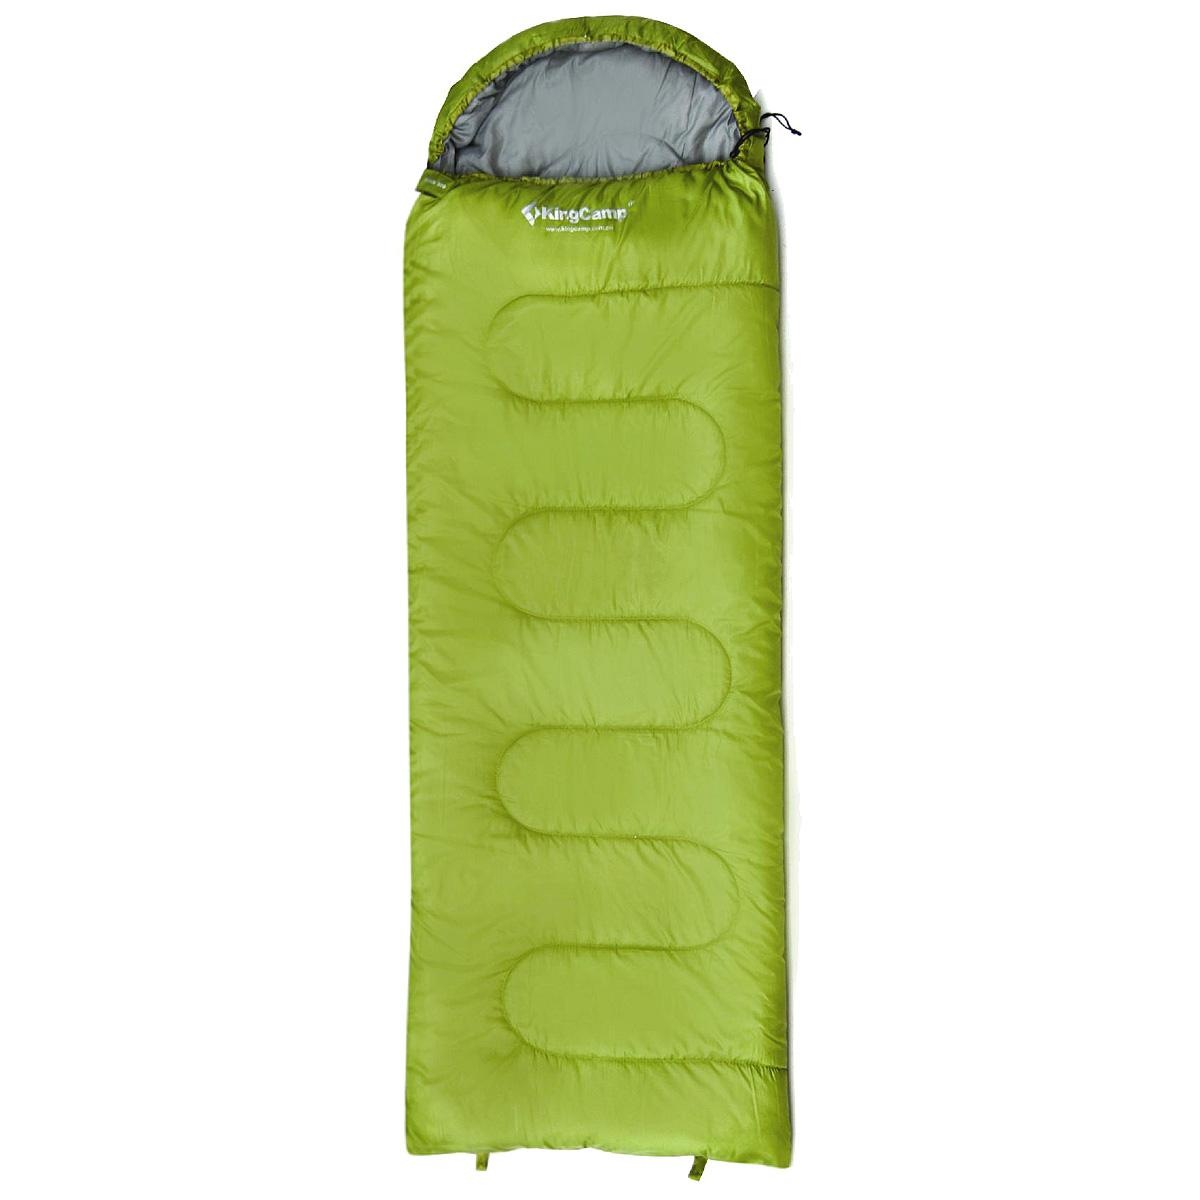 Спальный мешок-одеяло KingCamp Oasis 300 KS3151, правосторонняя молния, цвет: зеленыйУТ-000050571Комфортный спальник-одеяло имеет прямоугольную форму и одинаковую ширину как вверху, так и внизу, благодаря чему ноги чувствуют себя более свободно. Молния располагается на боковой стороне, благодаря чему при её расстёгивании спальник превращается в довольно большое одеяло.